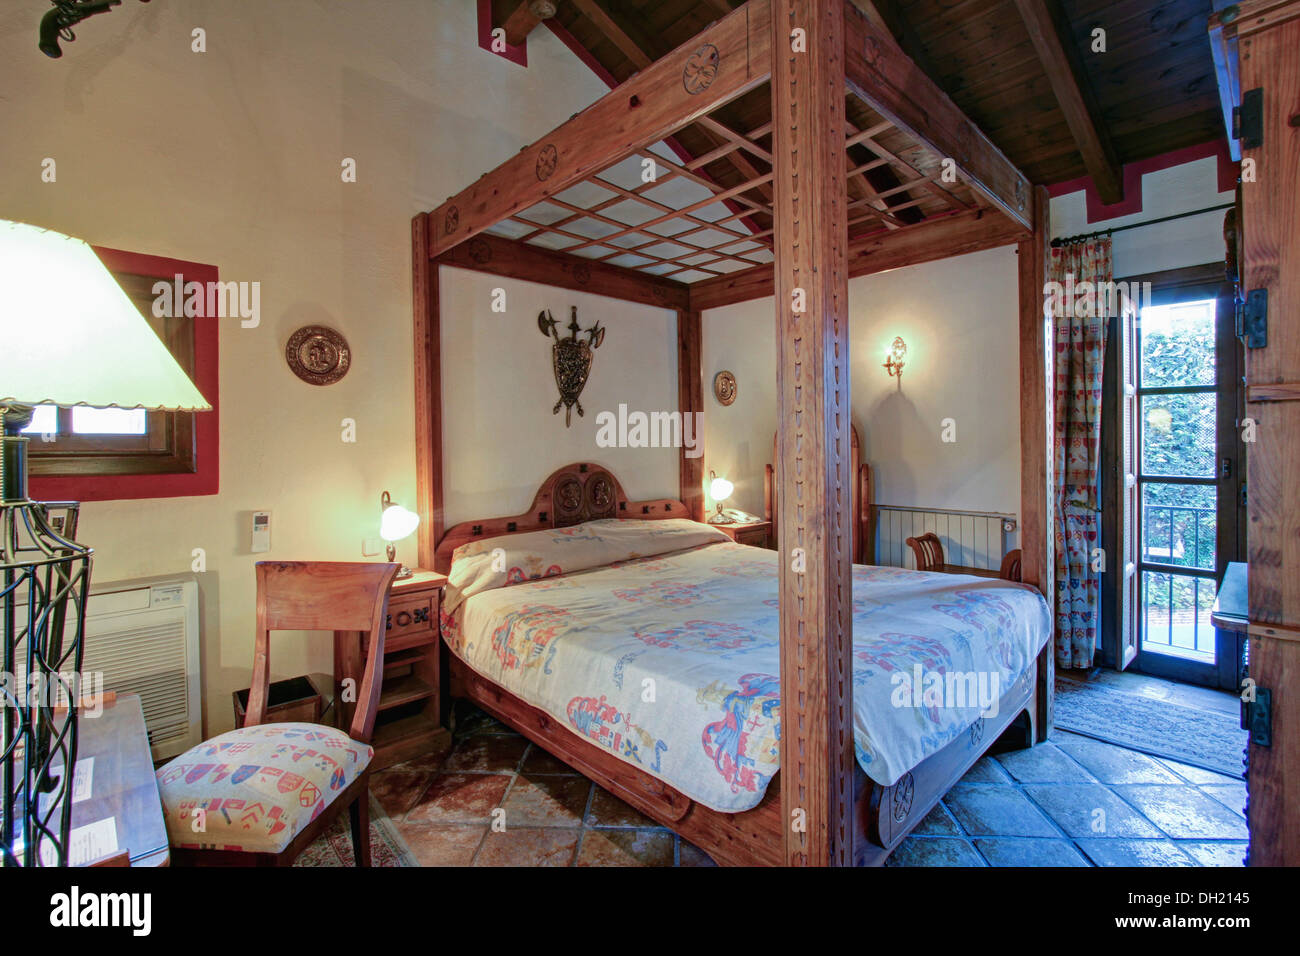 Rustikale Holz Himmelbett Im Schlafzimmer In Spanische Landhaus Villa